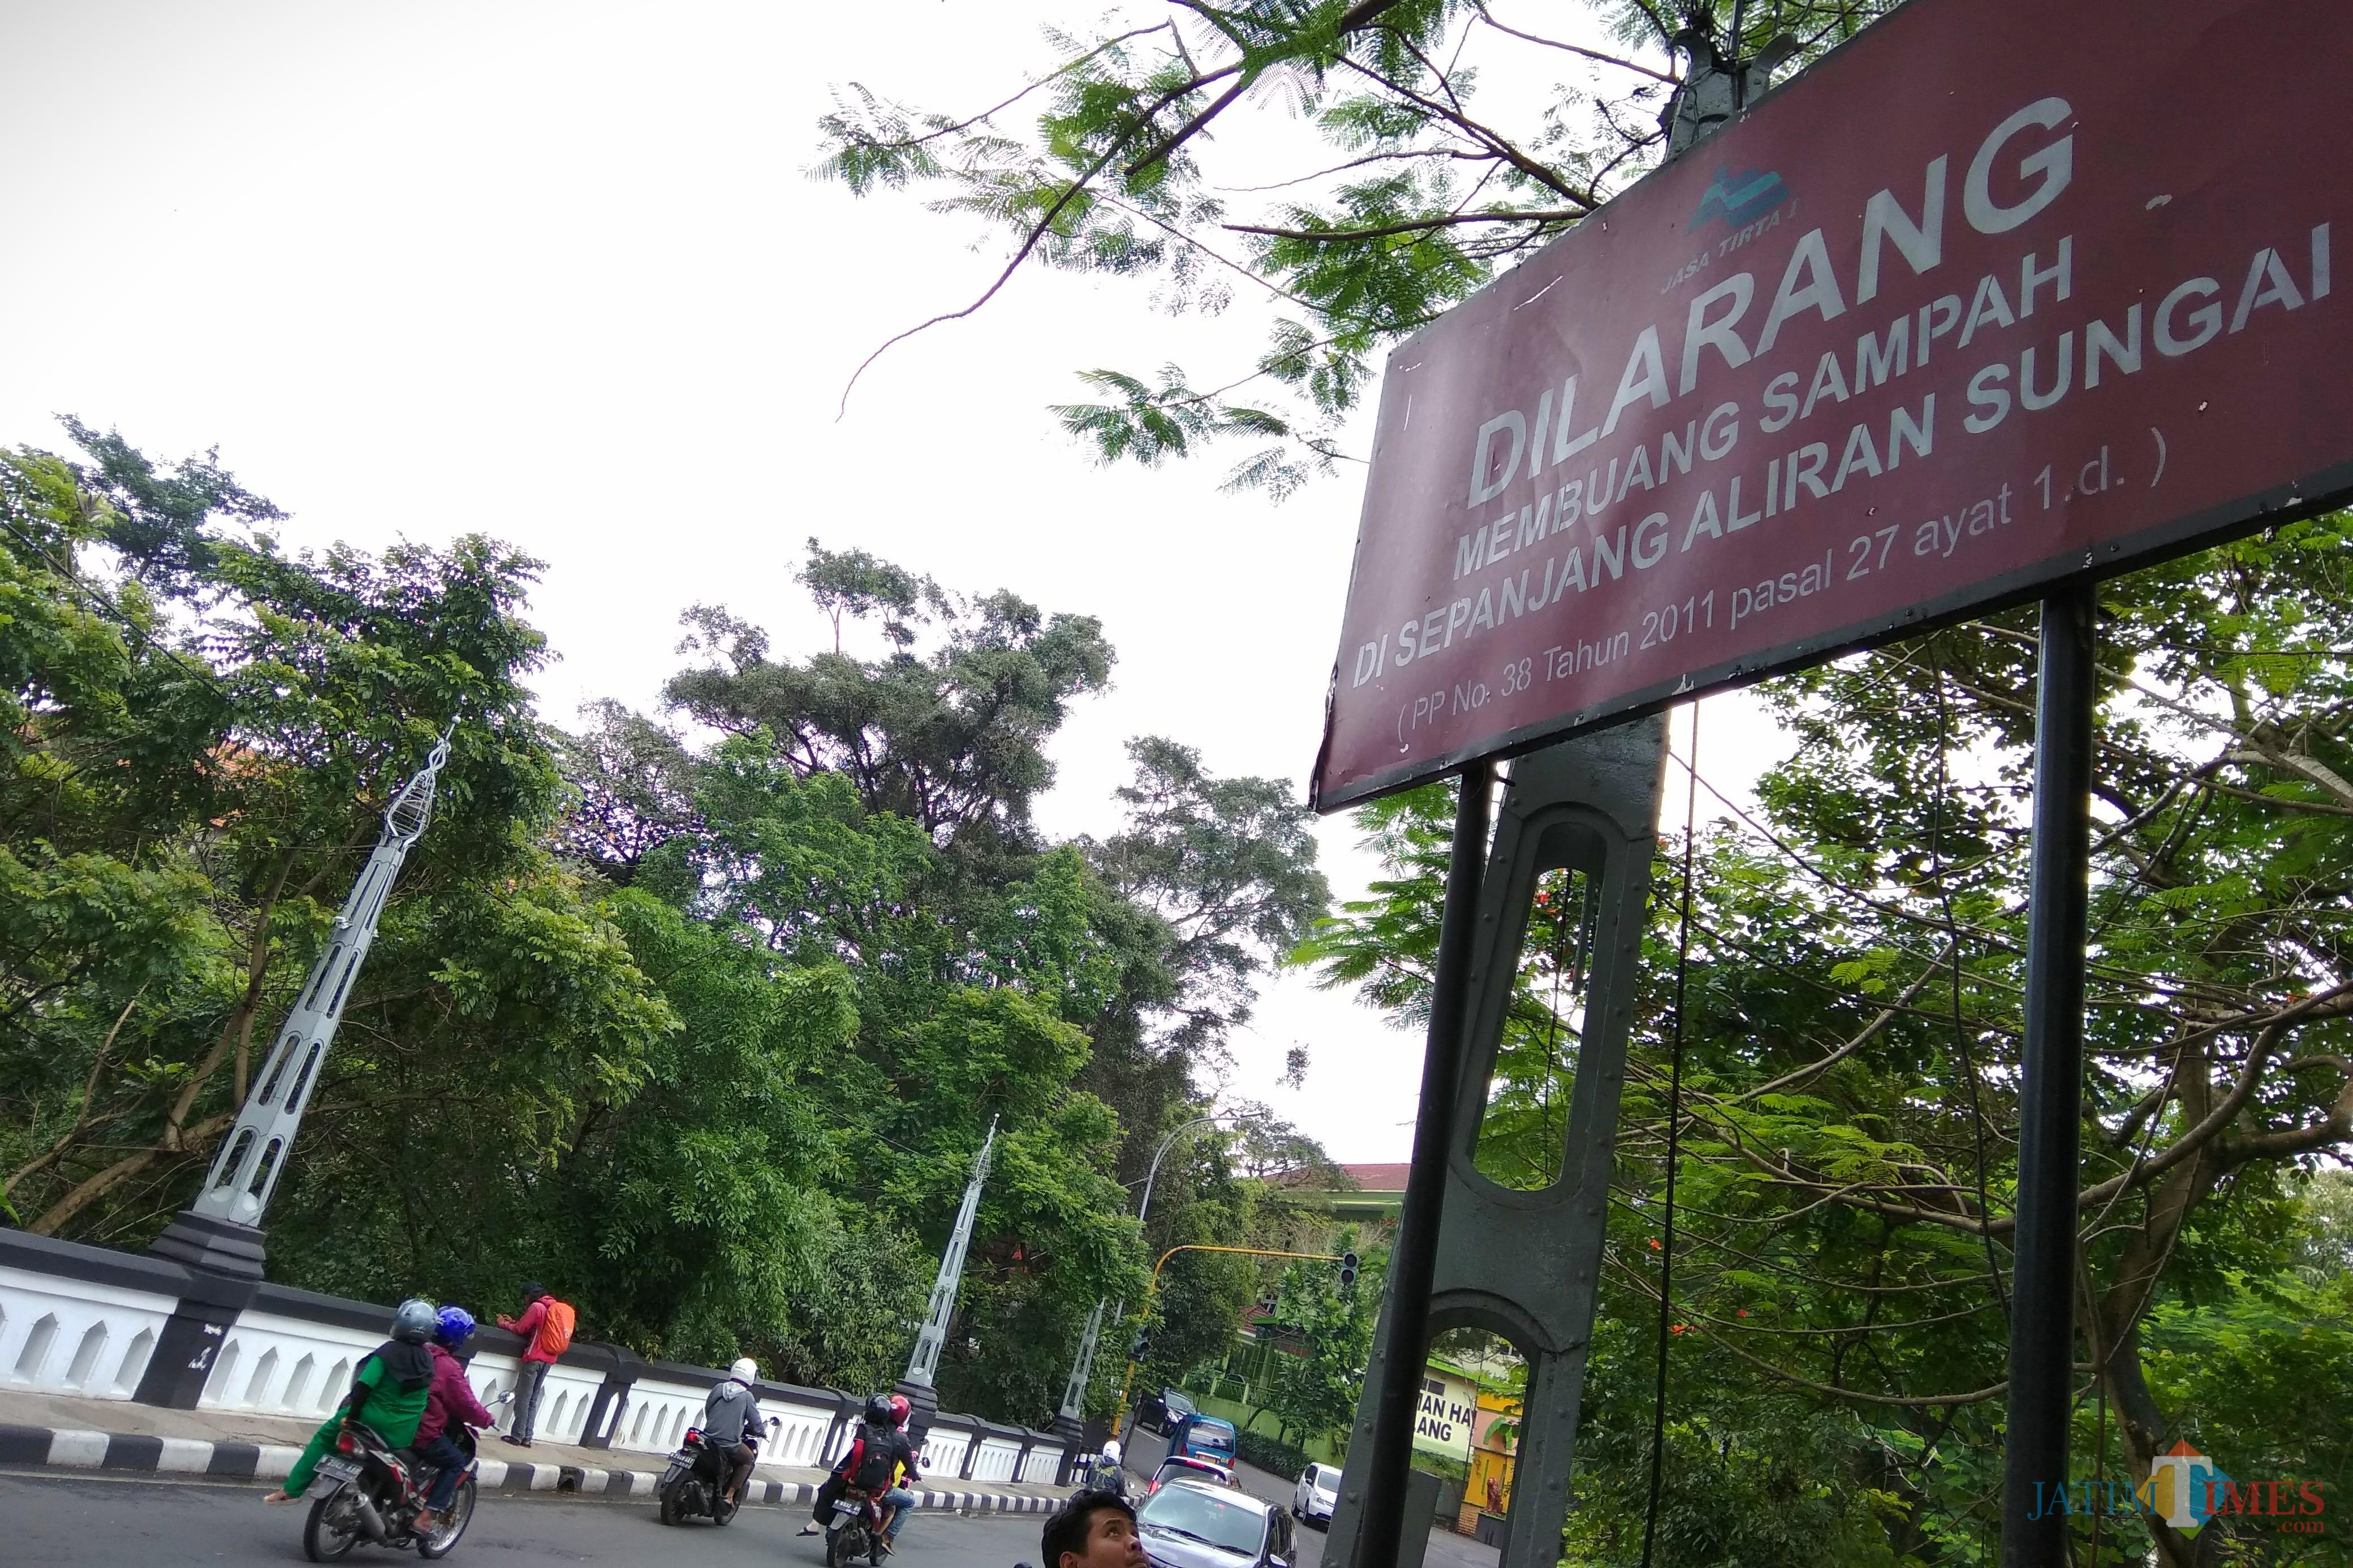 Papan pengumuman agar warga tidak membuang sampah sembarangan ke sungai di Kota Malang. (Foto: Nurlayla Ratri/MalangTIMES)